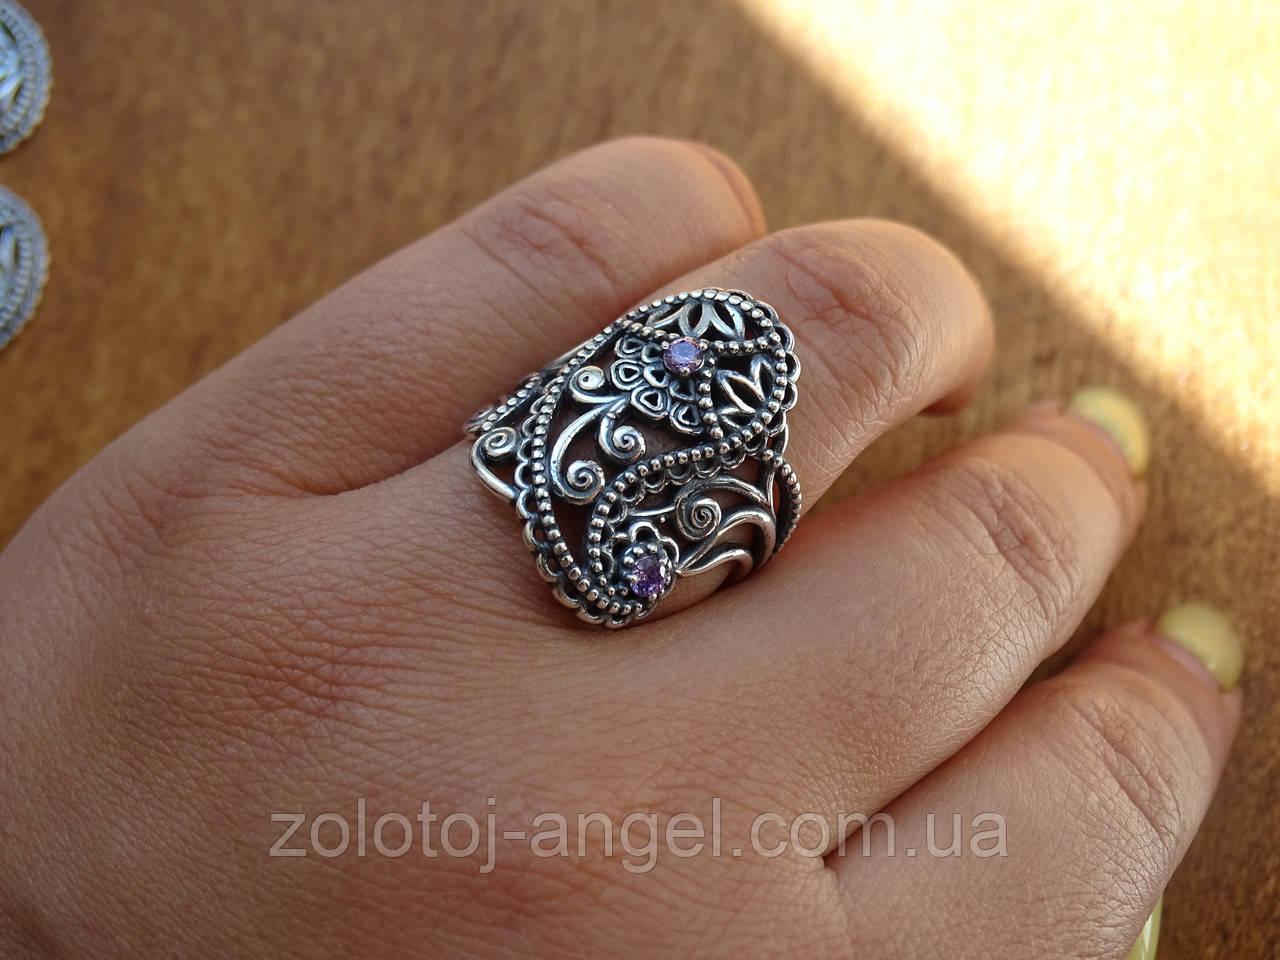 Новинка! Серебряное винтажное кольцо Кипарис